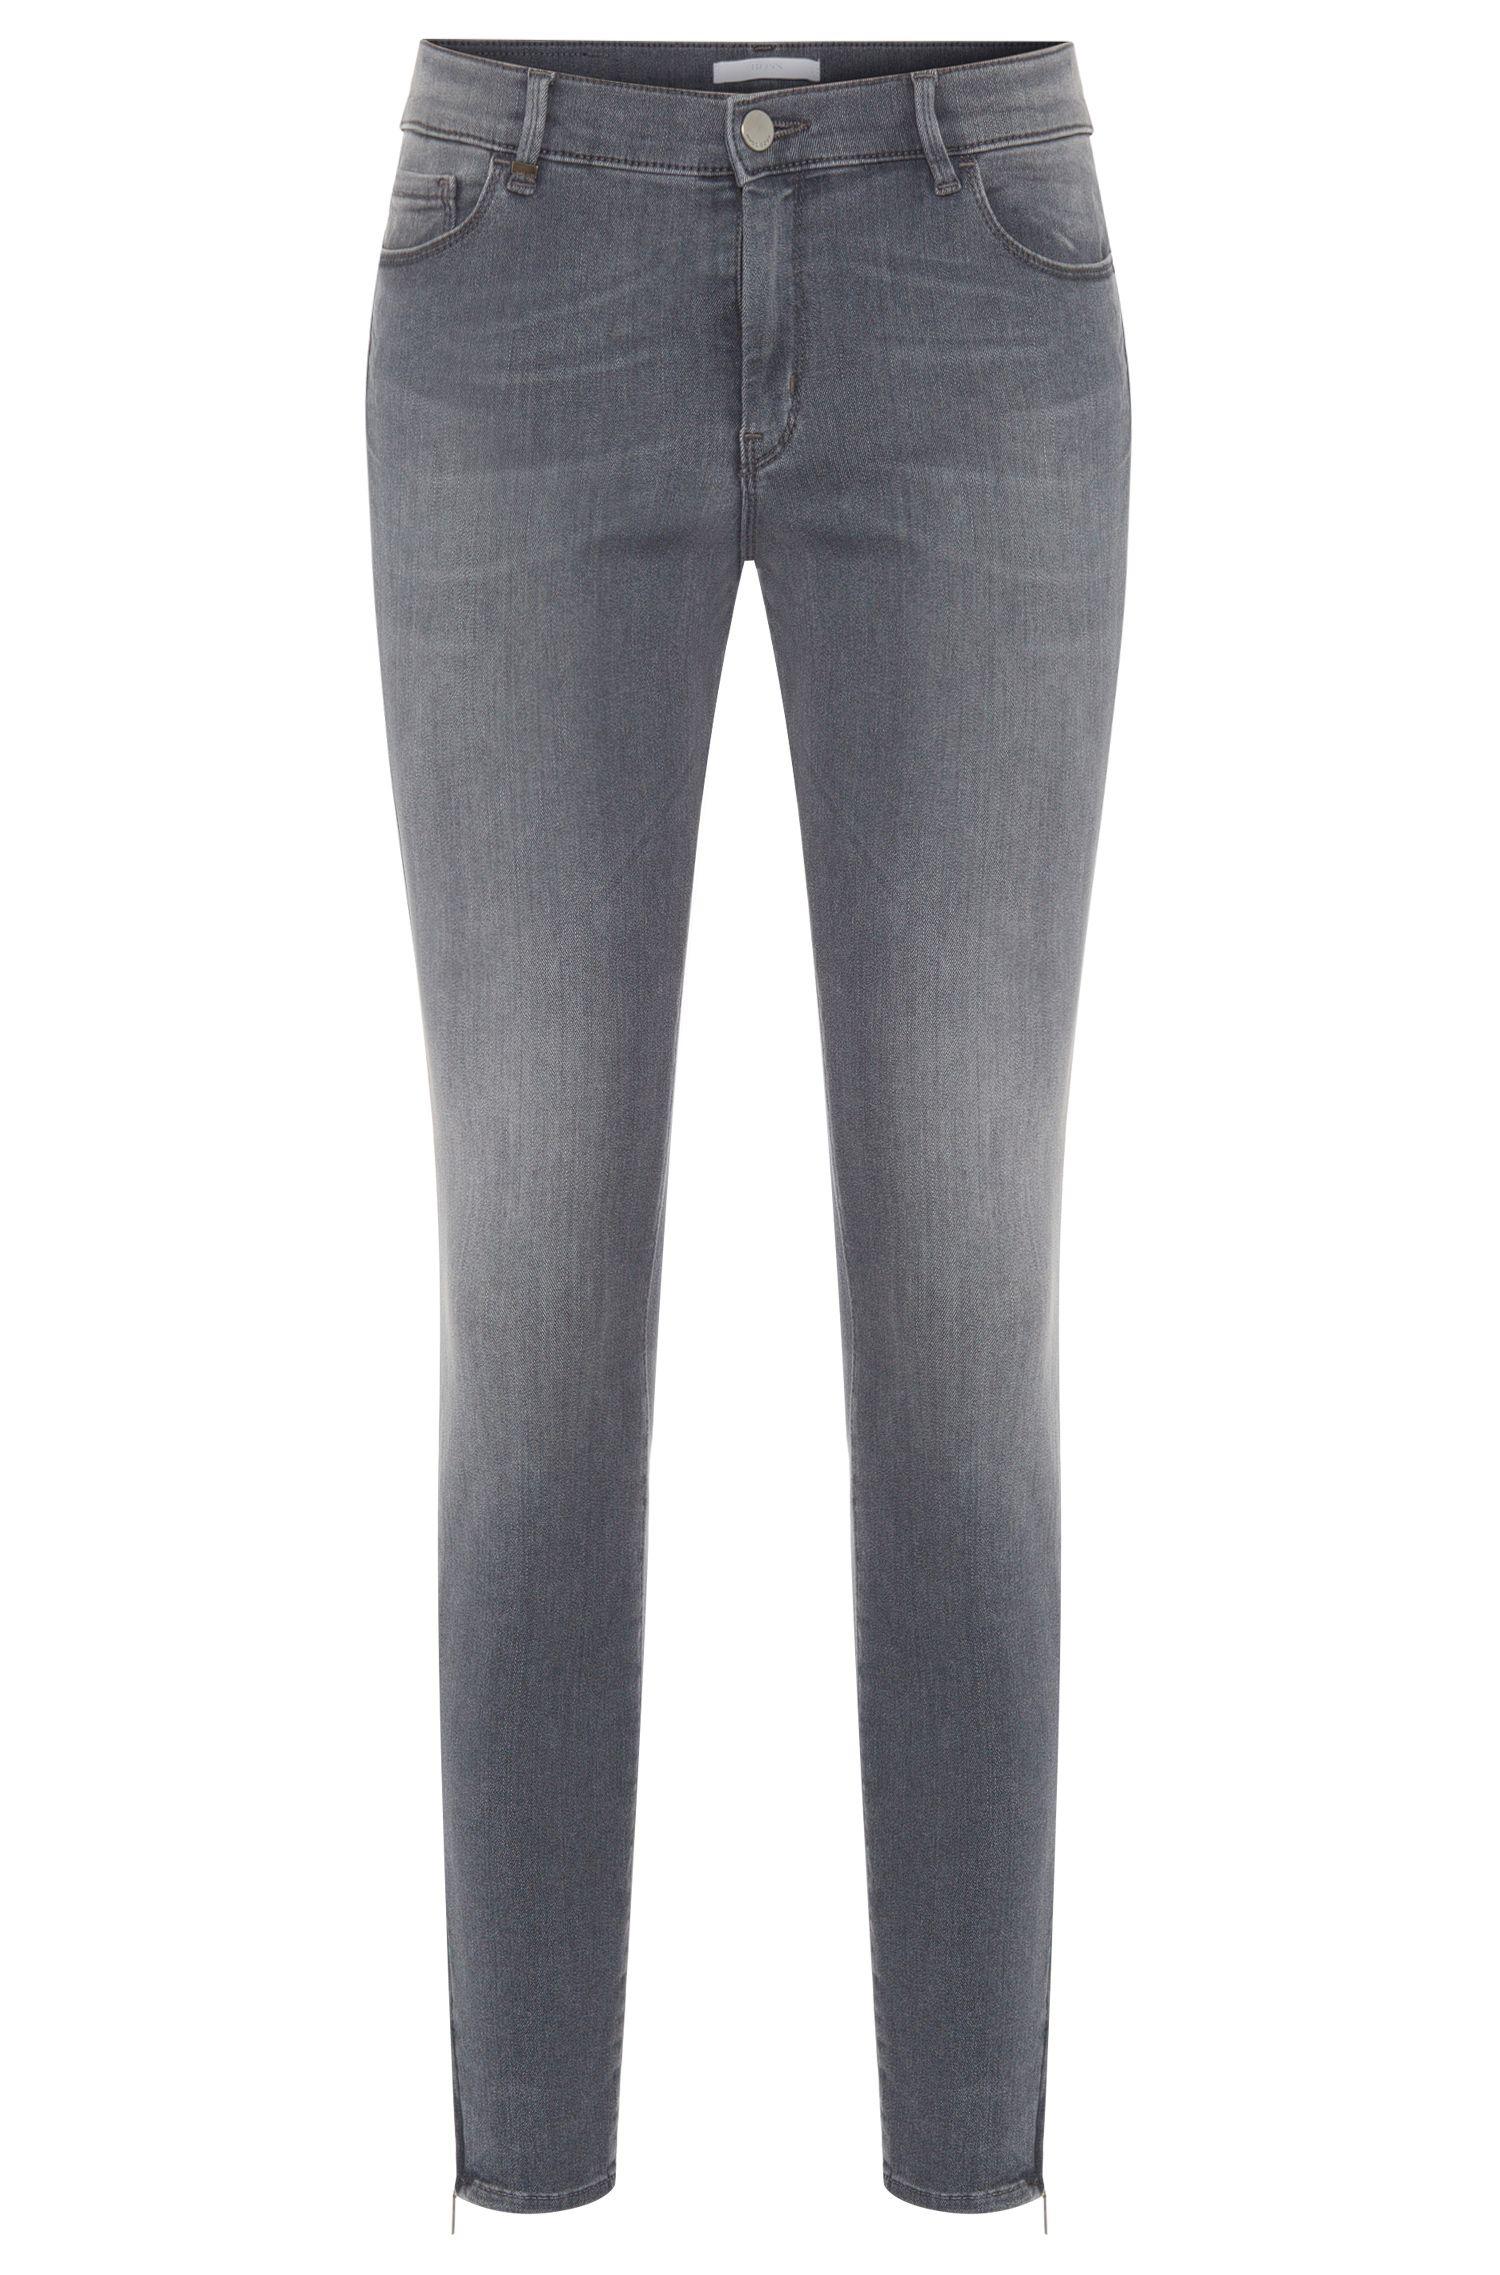 Slim-Fit Jeans aus Baumwoll-Mix mit Reißverschluss-Details: 'Nafice'